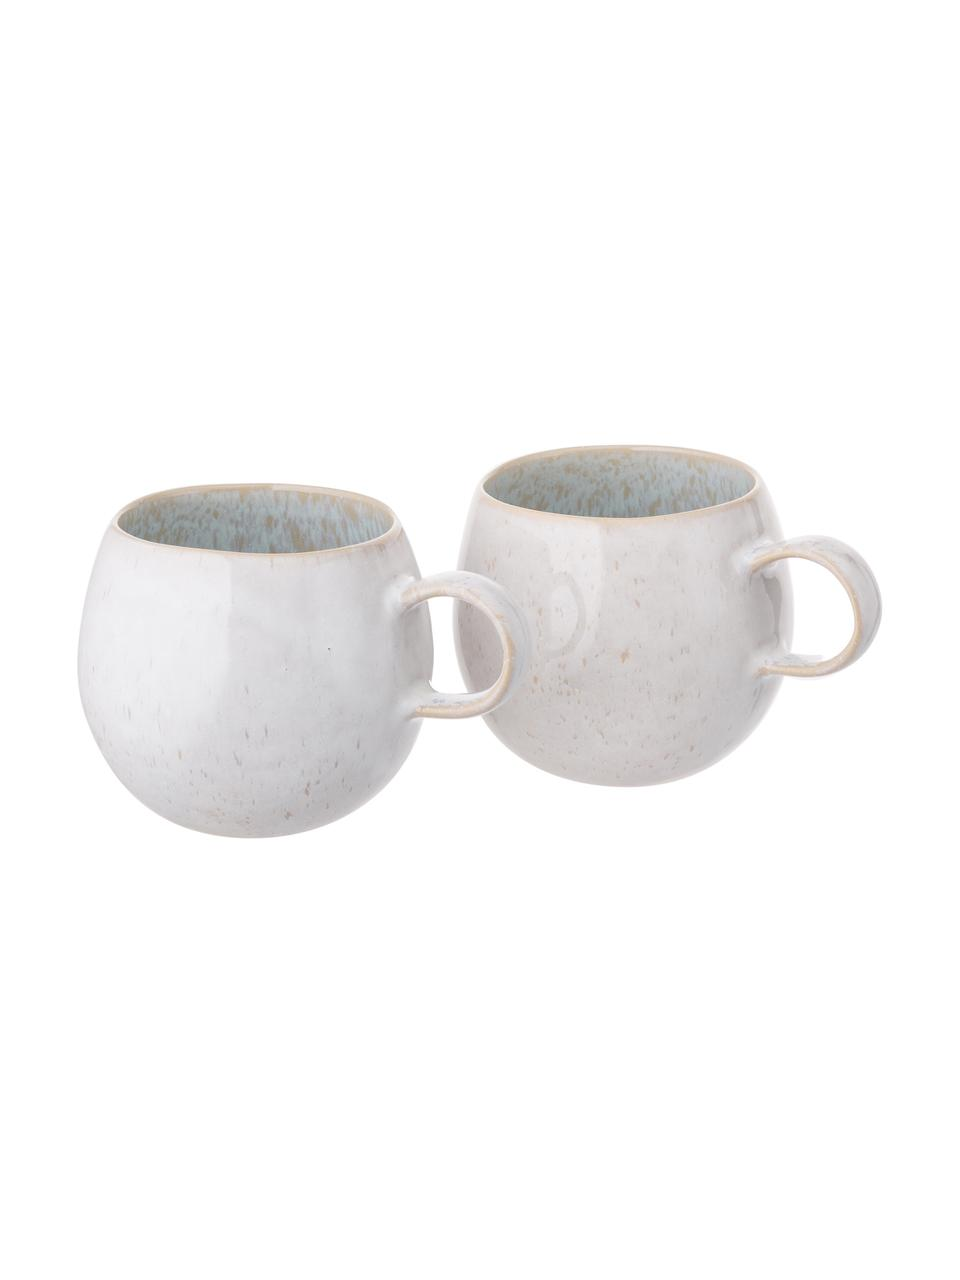 Ręcznie malowana filiżanka do herbaty Areia, 2 szt., Kamionka, Jasny niebieski, złamana biel, jasny beżowy, Ø 9 x W 10 cm